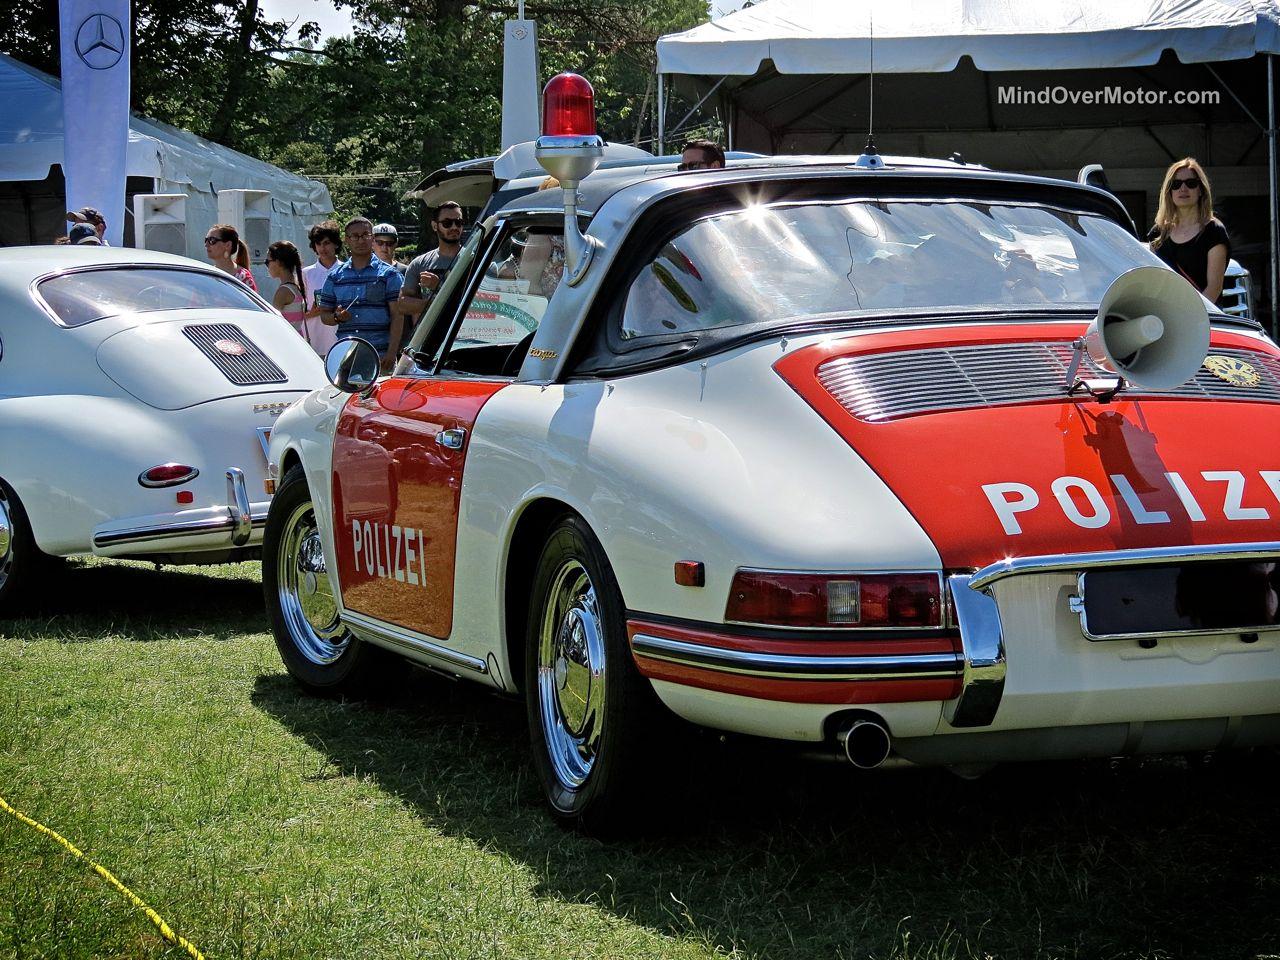 Porsche 911 Polizei at Greenwich 2014